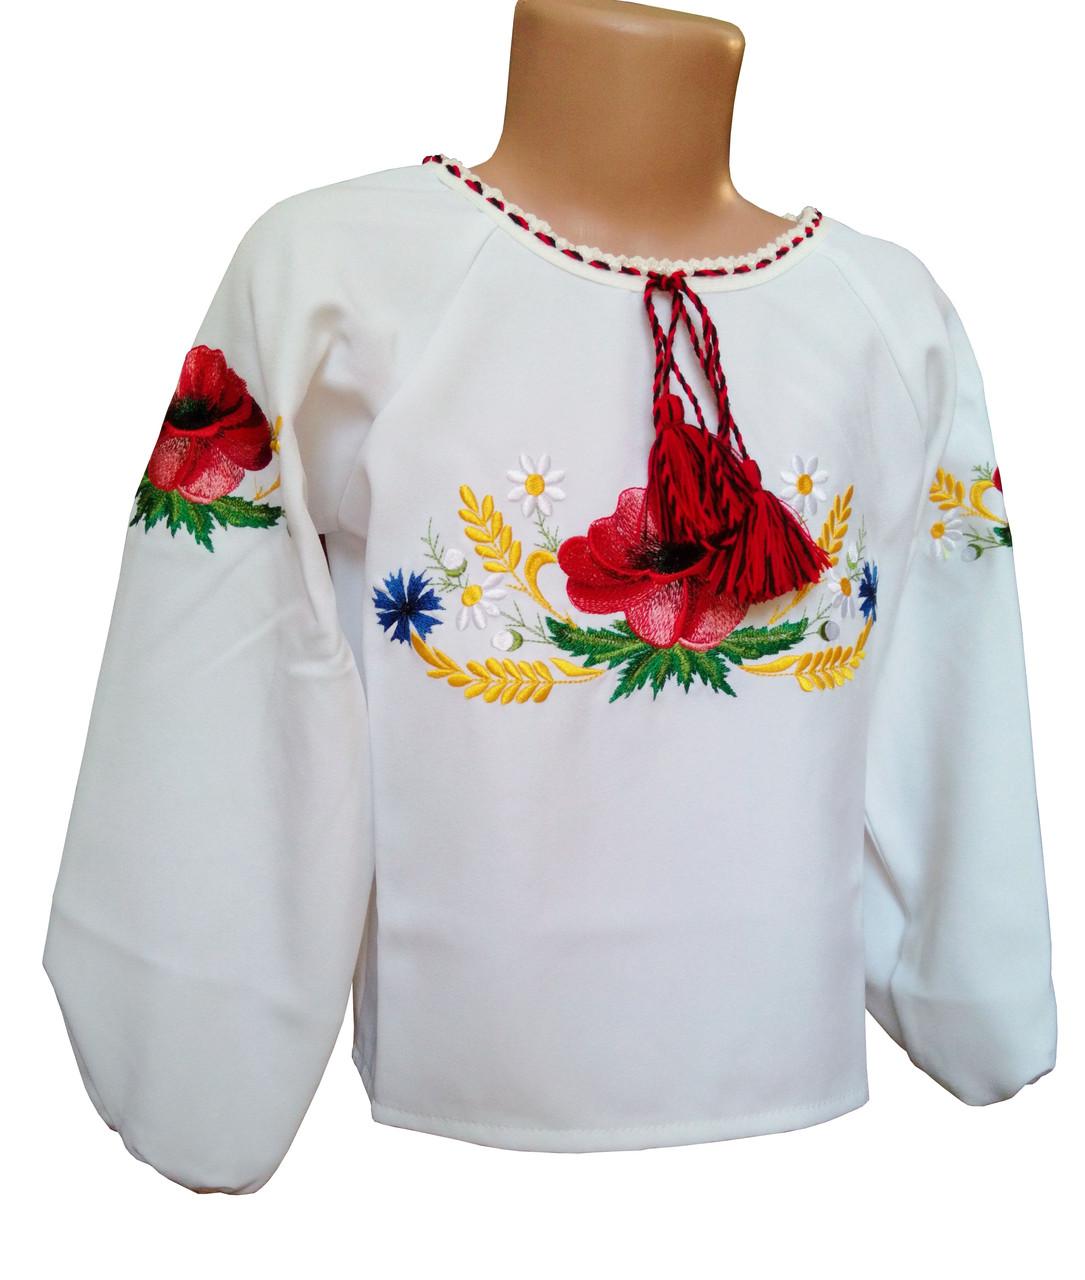 Рубашка Вышиванка детская для девочки р. 92 - 140